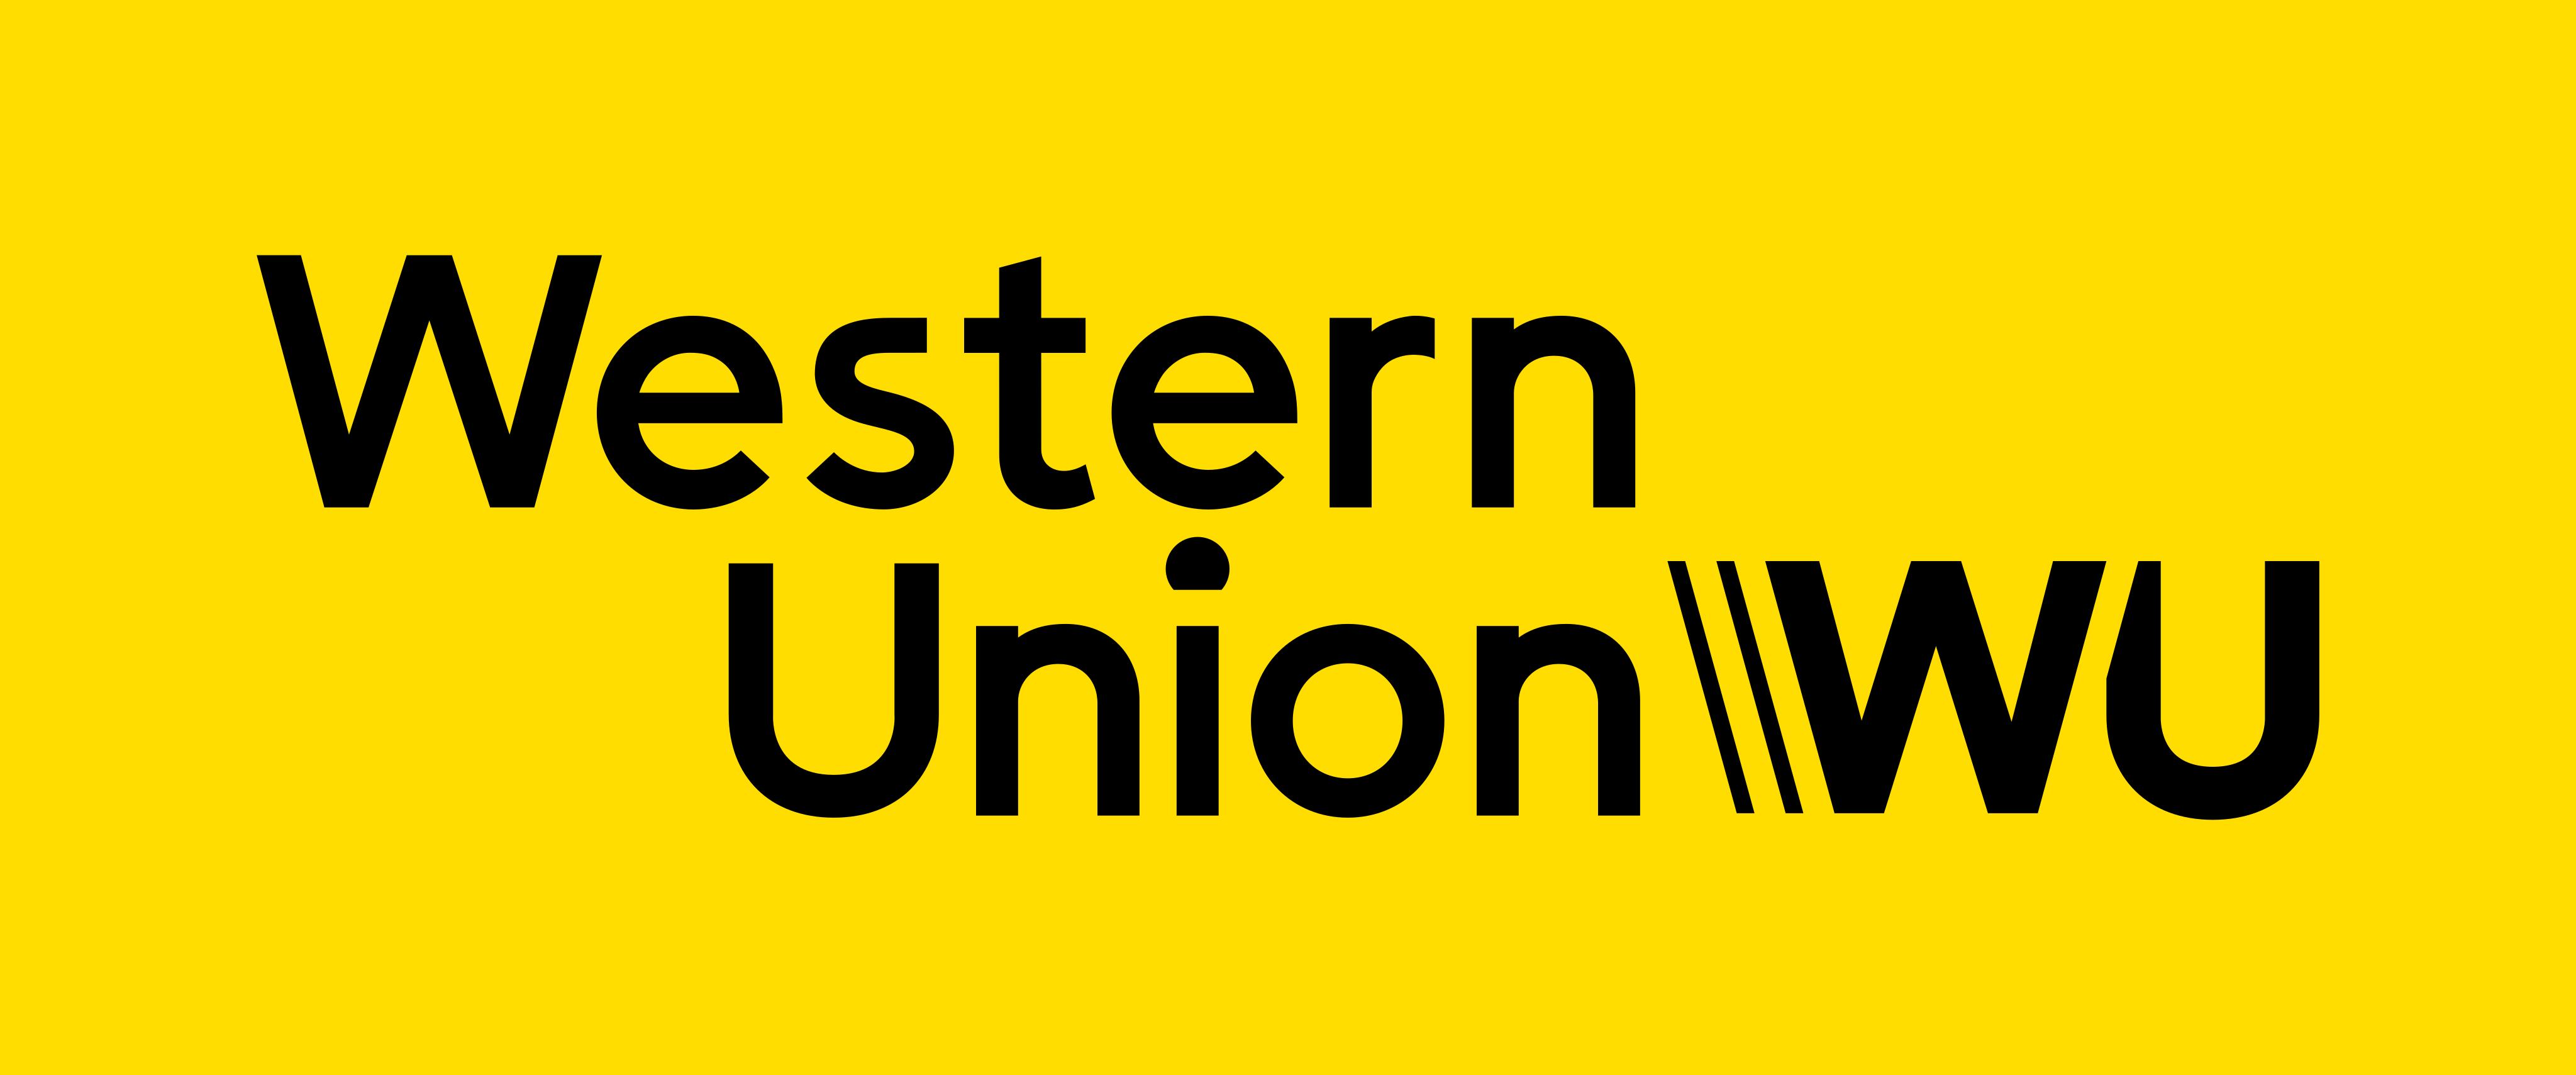 western union logo 10 - Western Union Logo